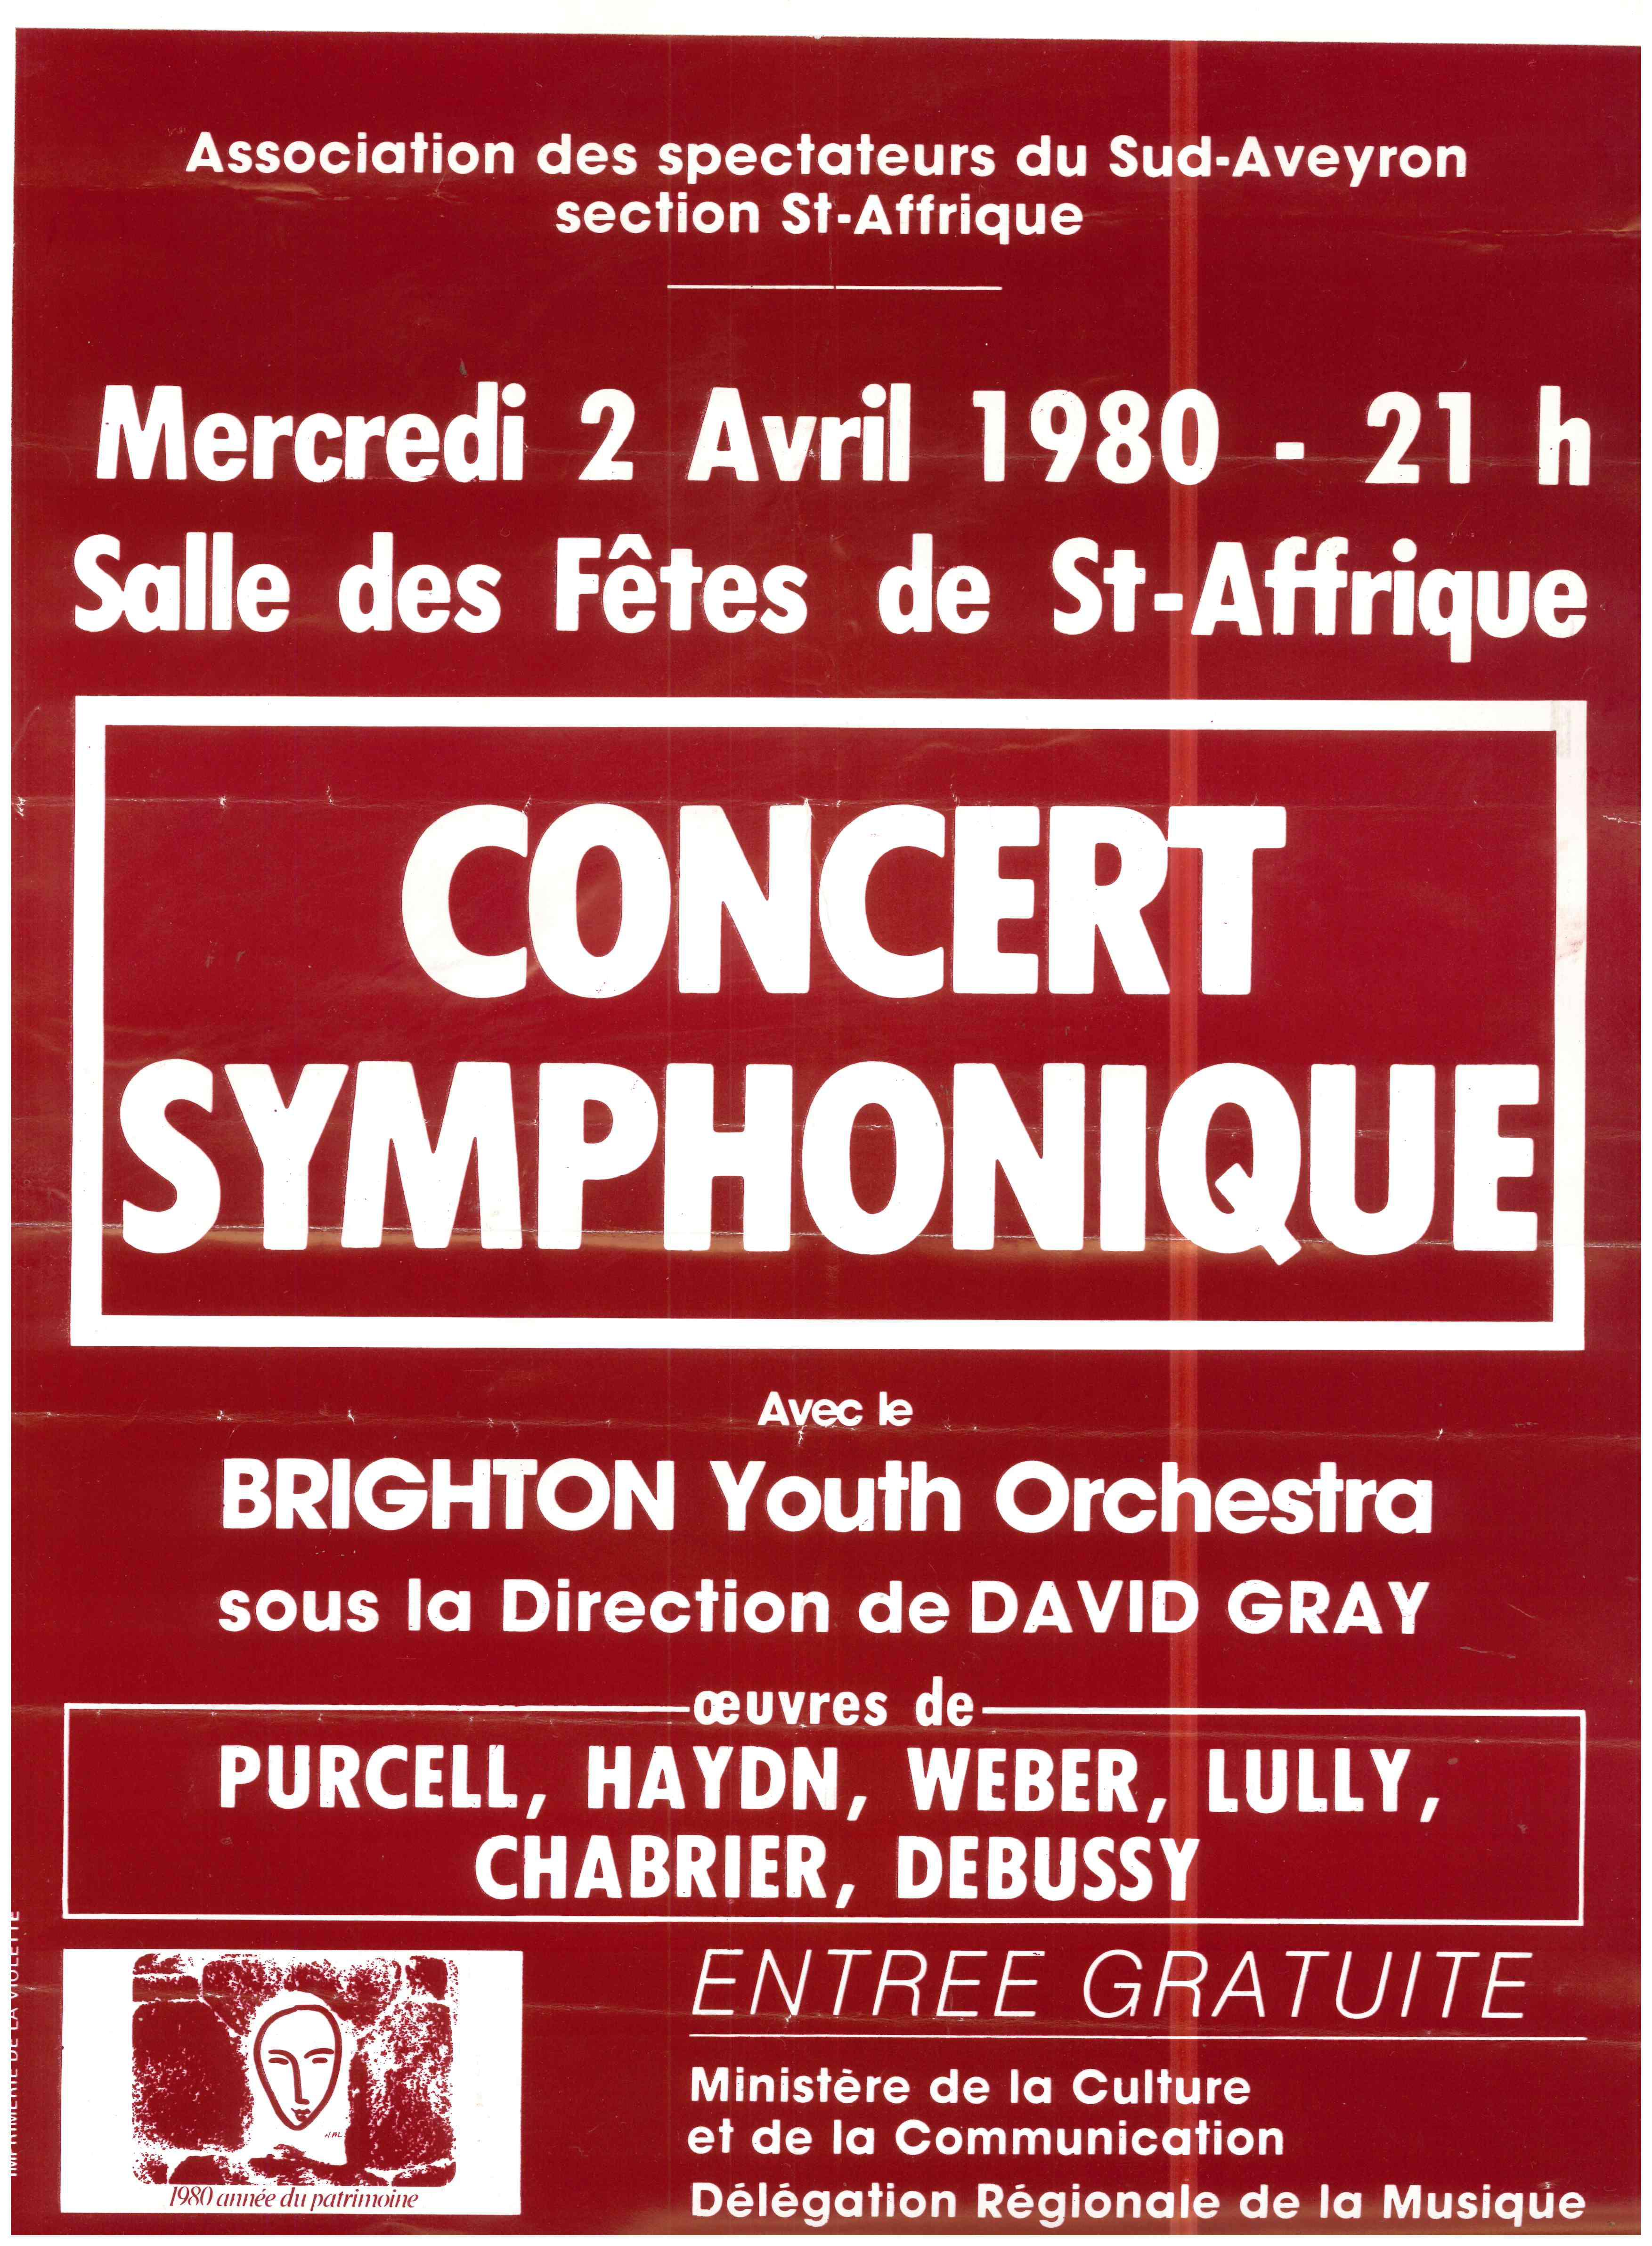 00179-BYO Salle des Fetes de St-Affrique, 2nd April 1980.jpg